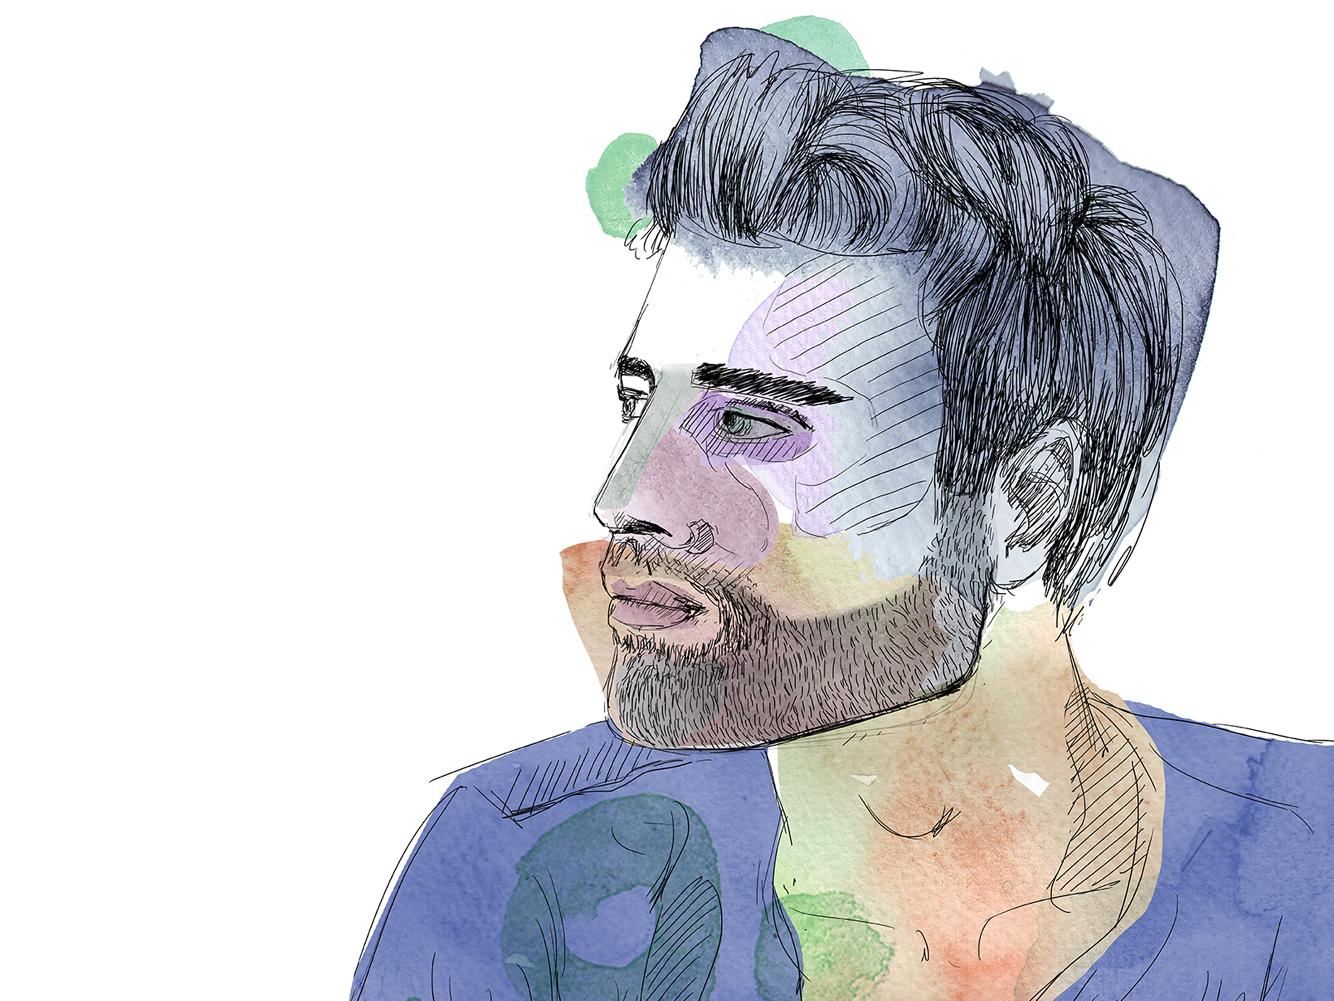 Beautiful boy gift picture digital watercolor retrait art comic doodle illustration